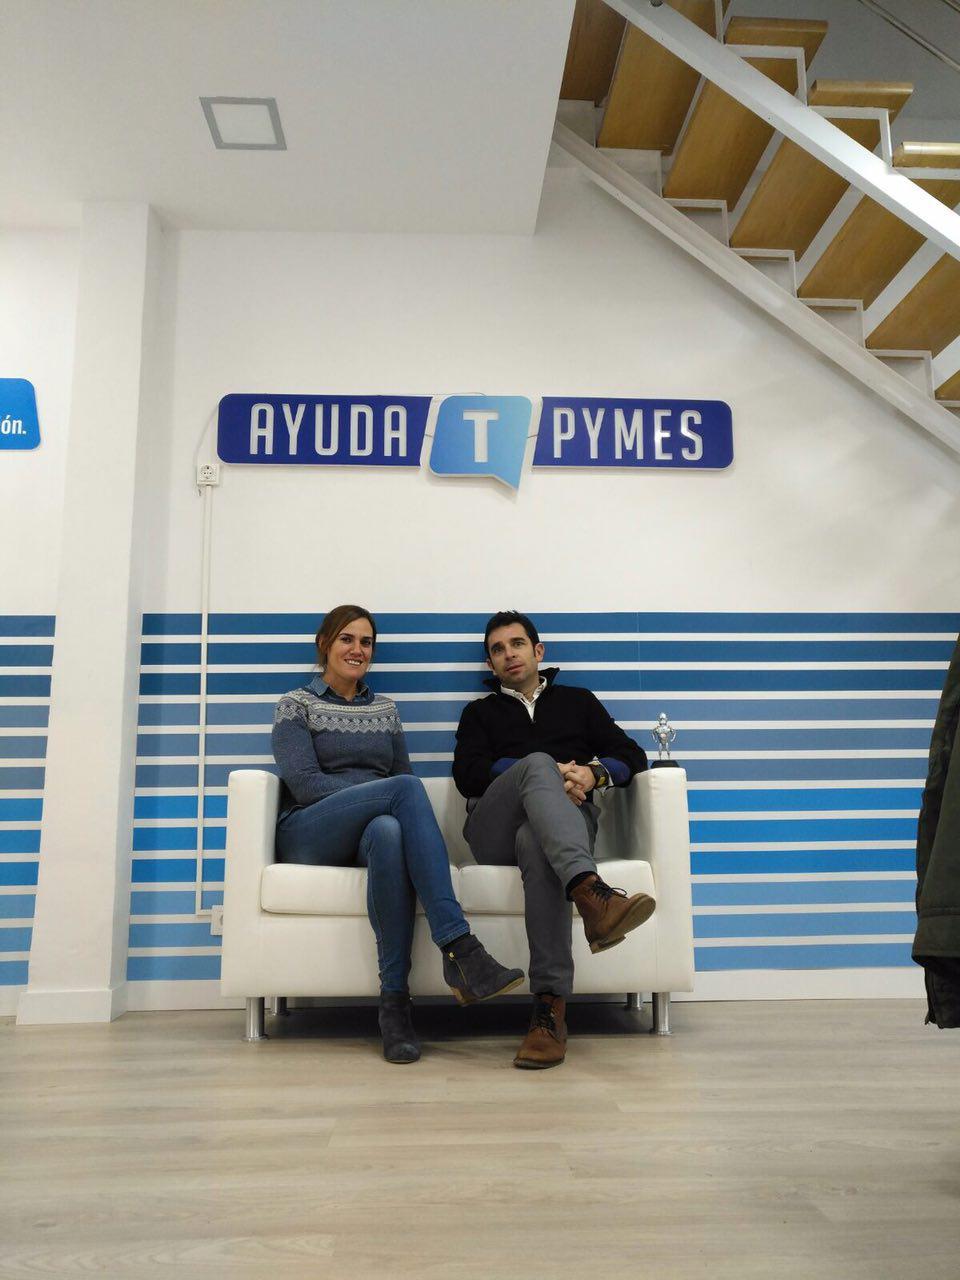 Cómo abrir una franquicia Ayuda-T Pymes: emprende con garantías en el sector